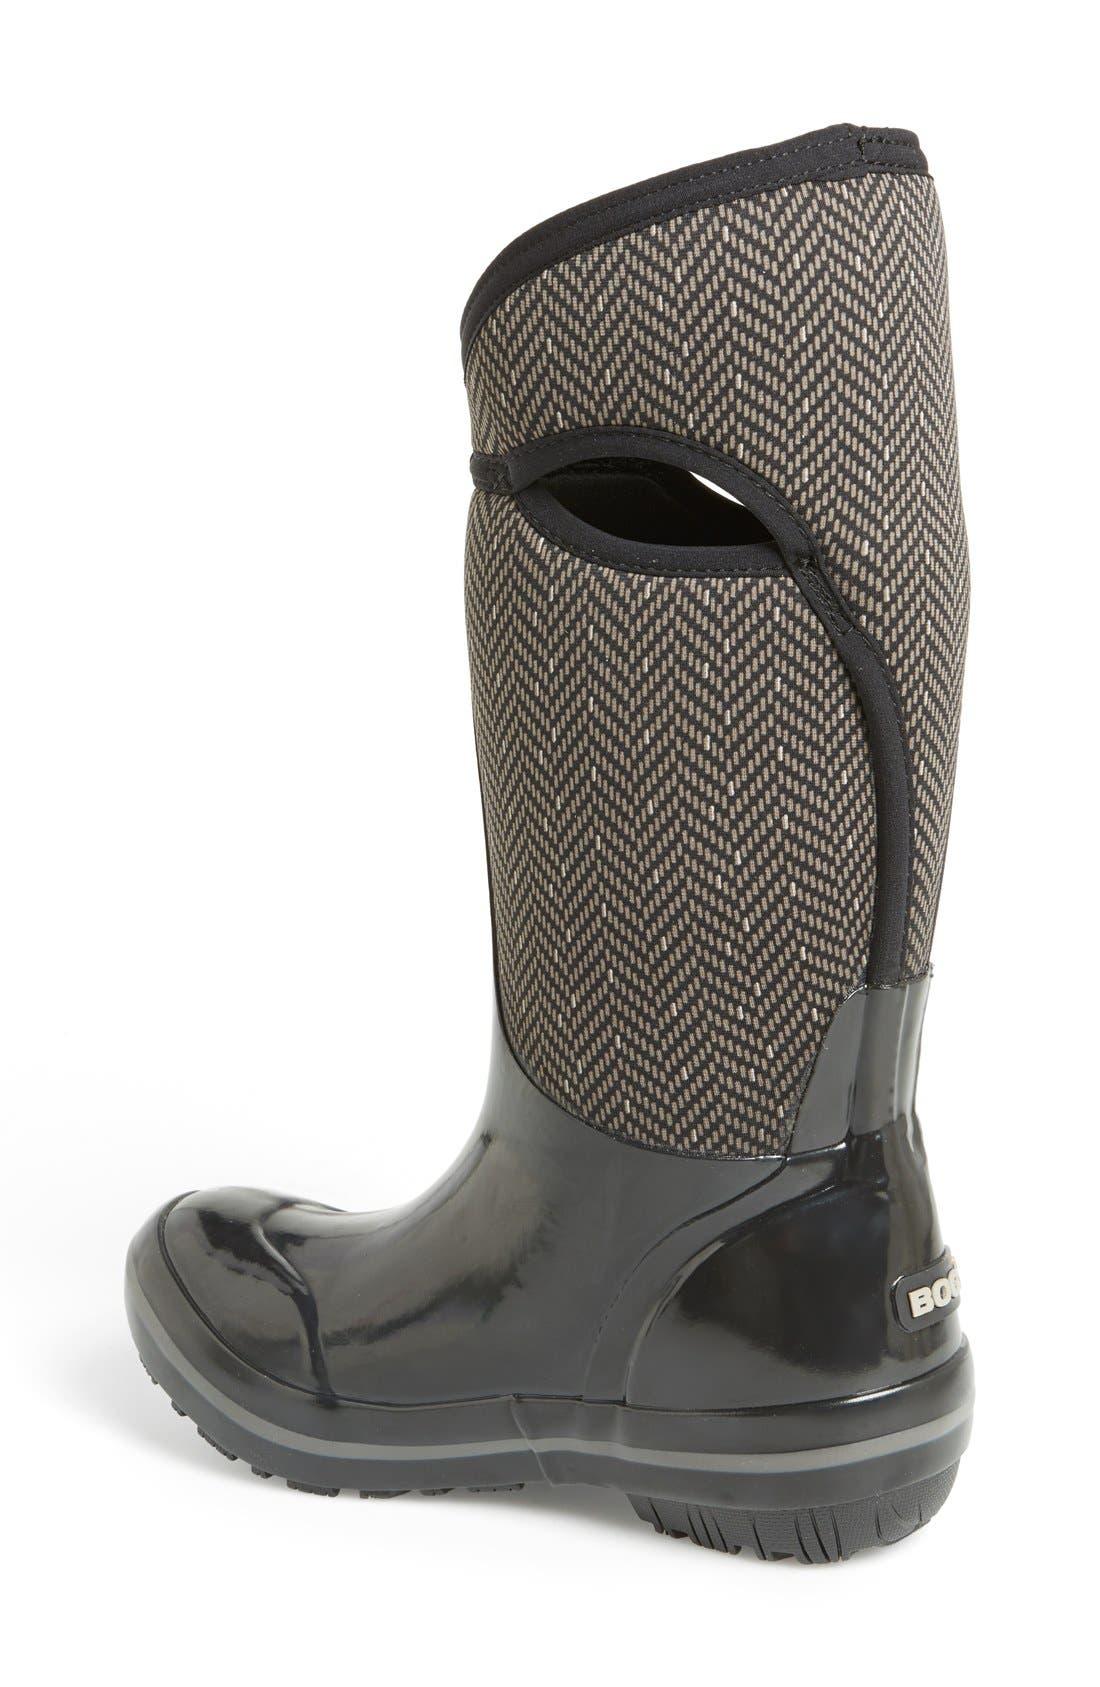 Alternate Image 2  - Bogs Plimsoll  - Herringbone Waterproof Boot (Women)